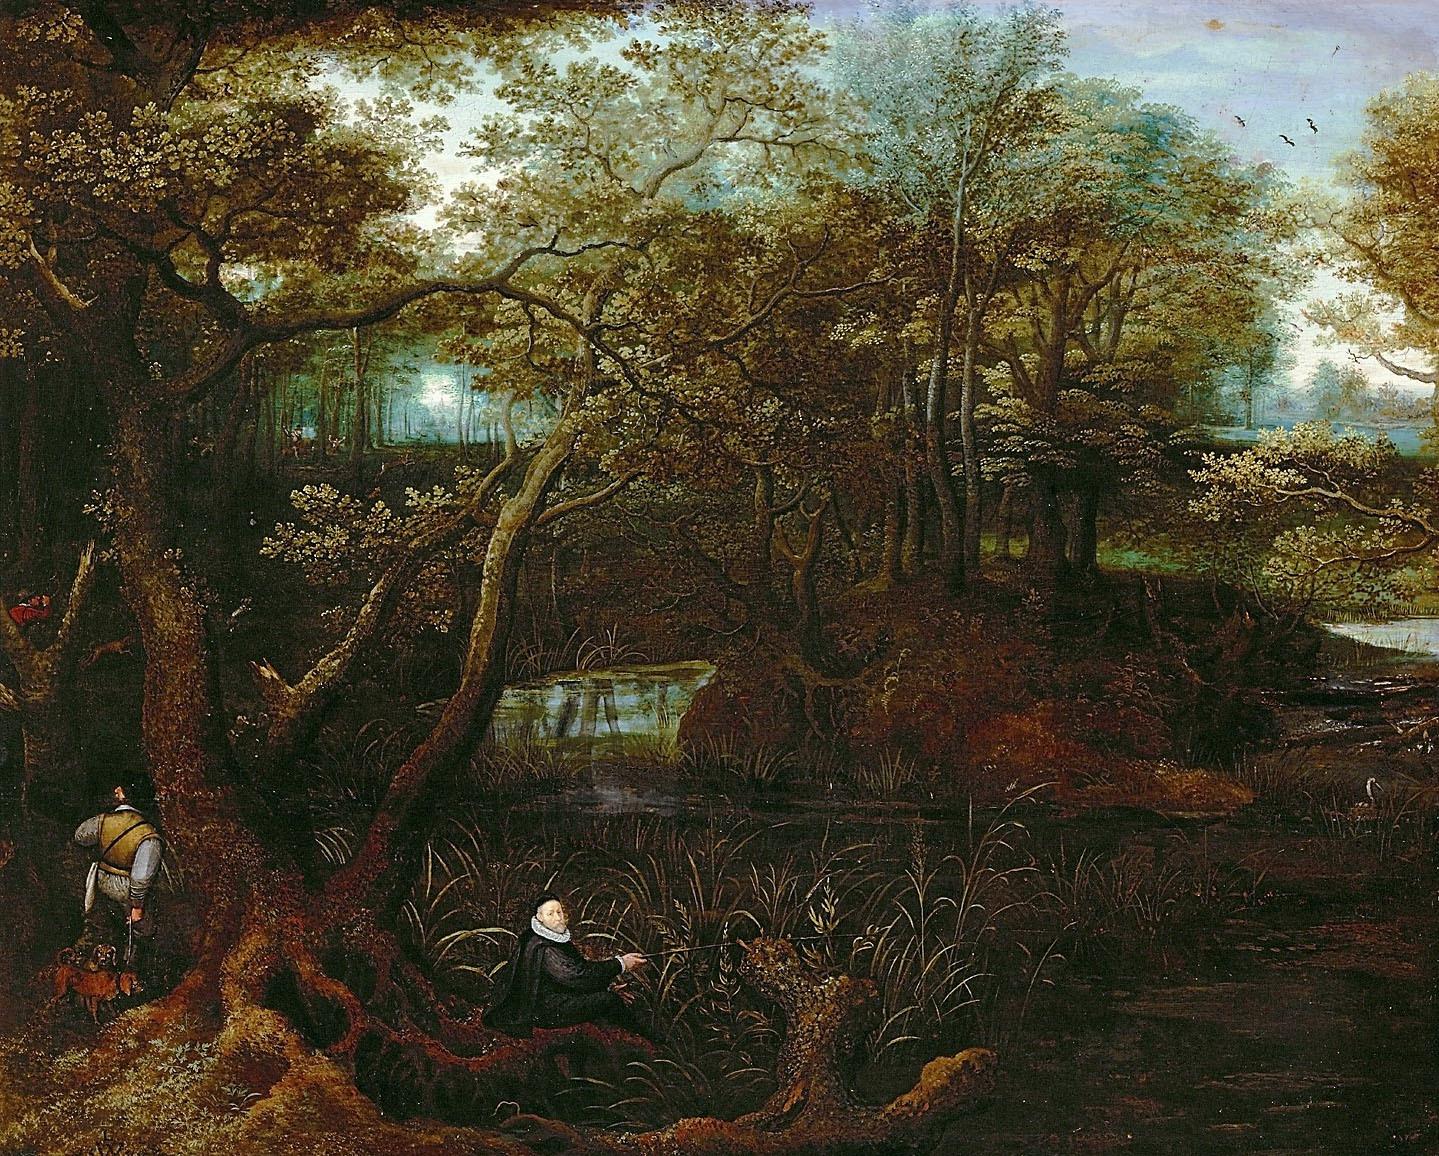 Angler am Waldteich (Selbstbildnis des Künstlers) von Lucas I. van Valckenborch